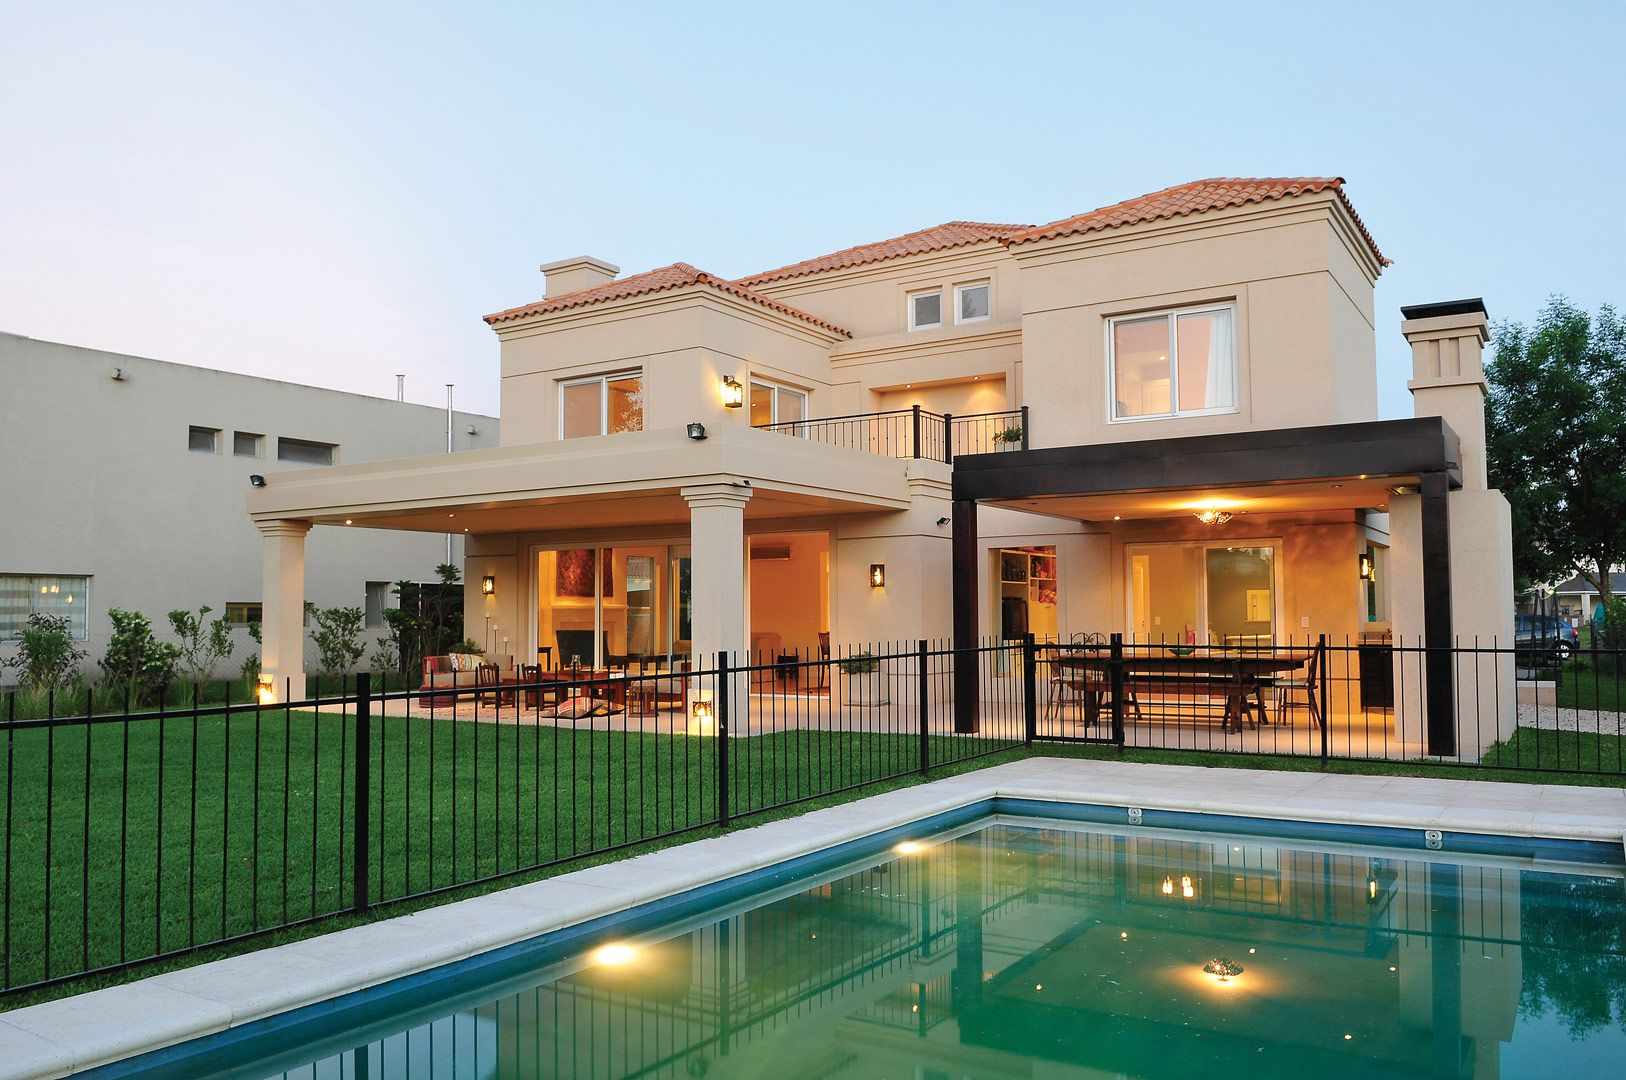 Junor arquitectos arquitectos casas y fachadas for Casa de arquitectos